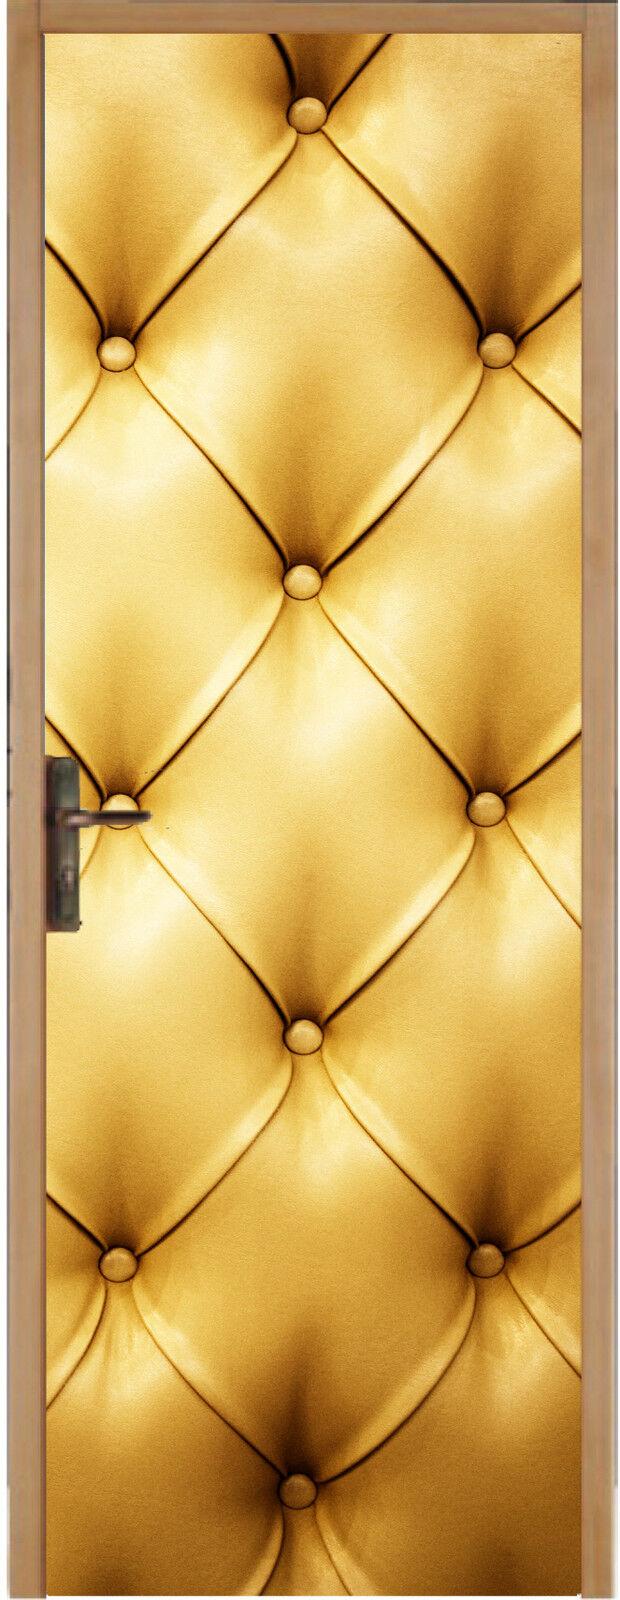 Aufkleber für Tür flach, gepolstert gold 93x204cm ref 312